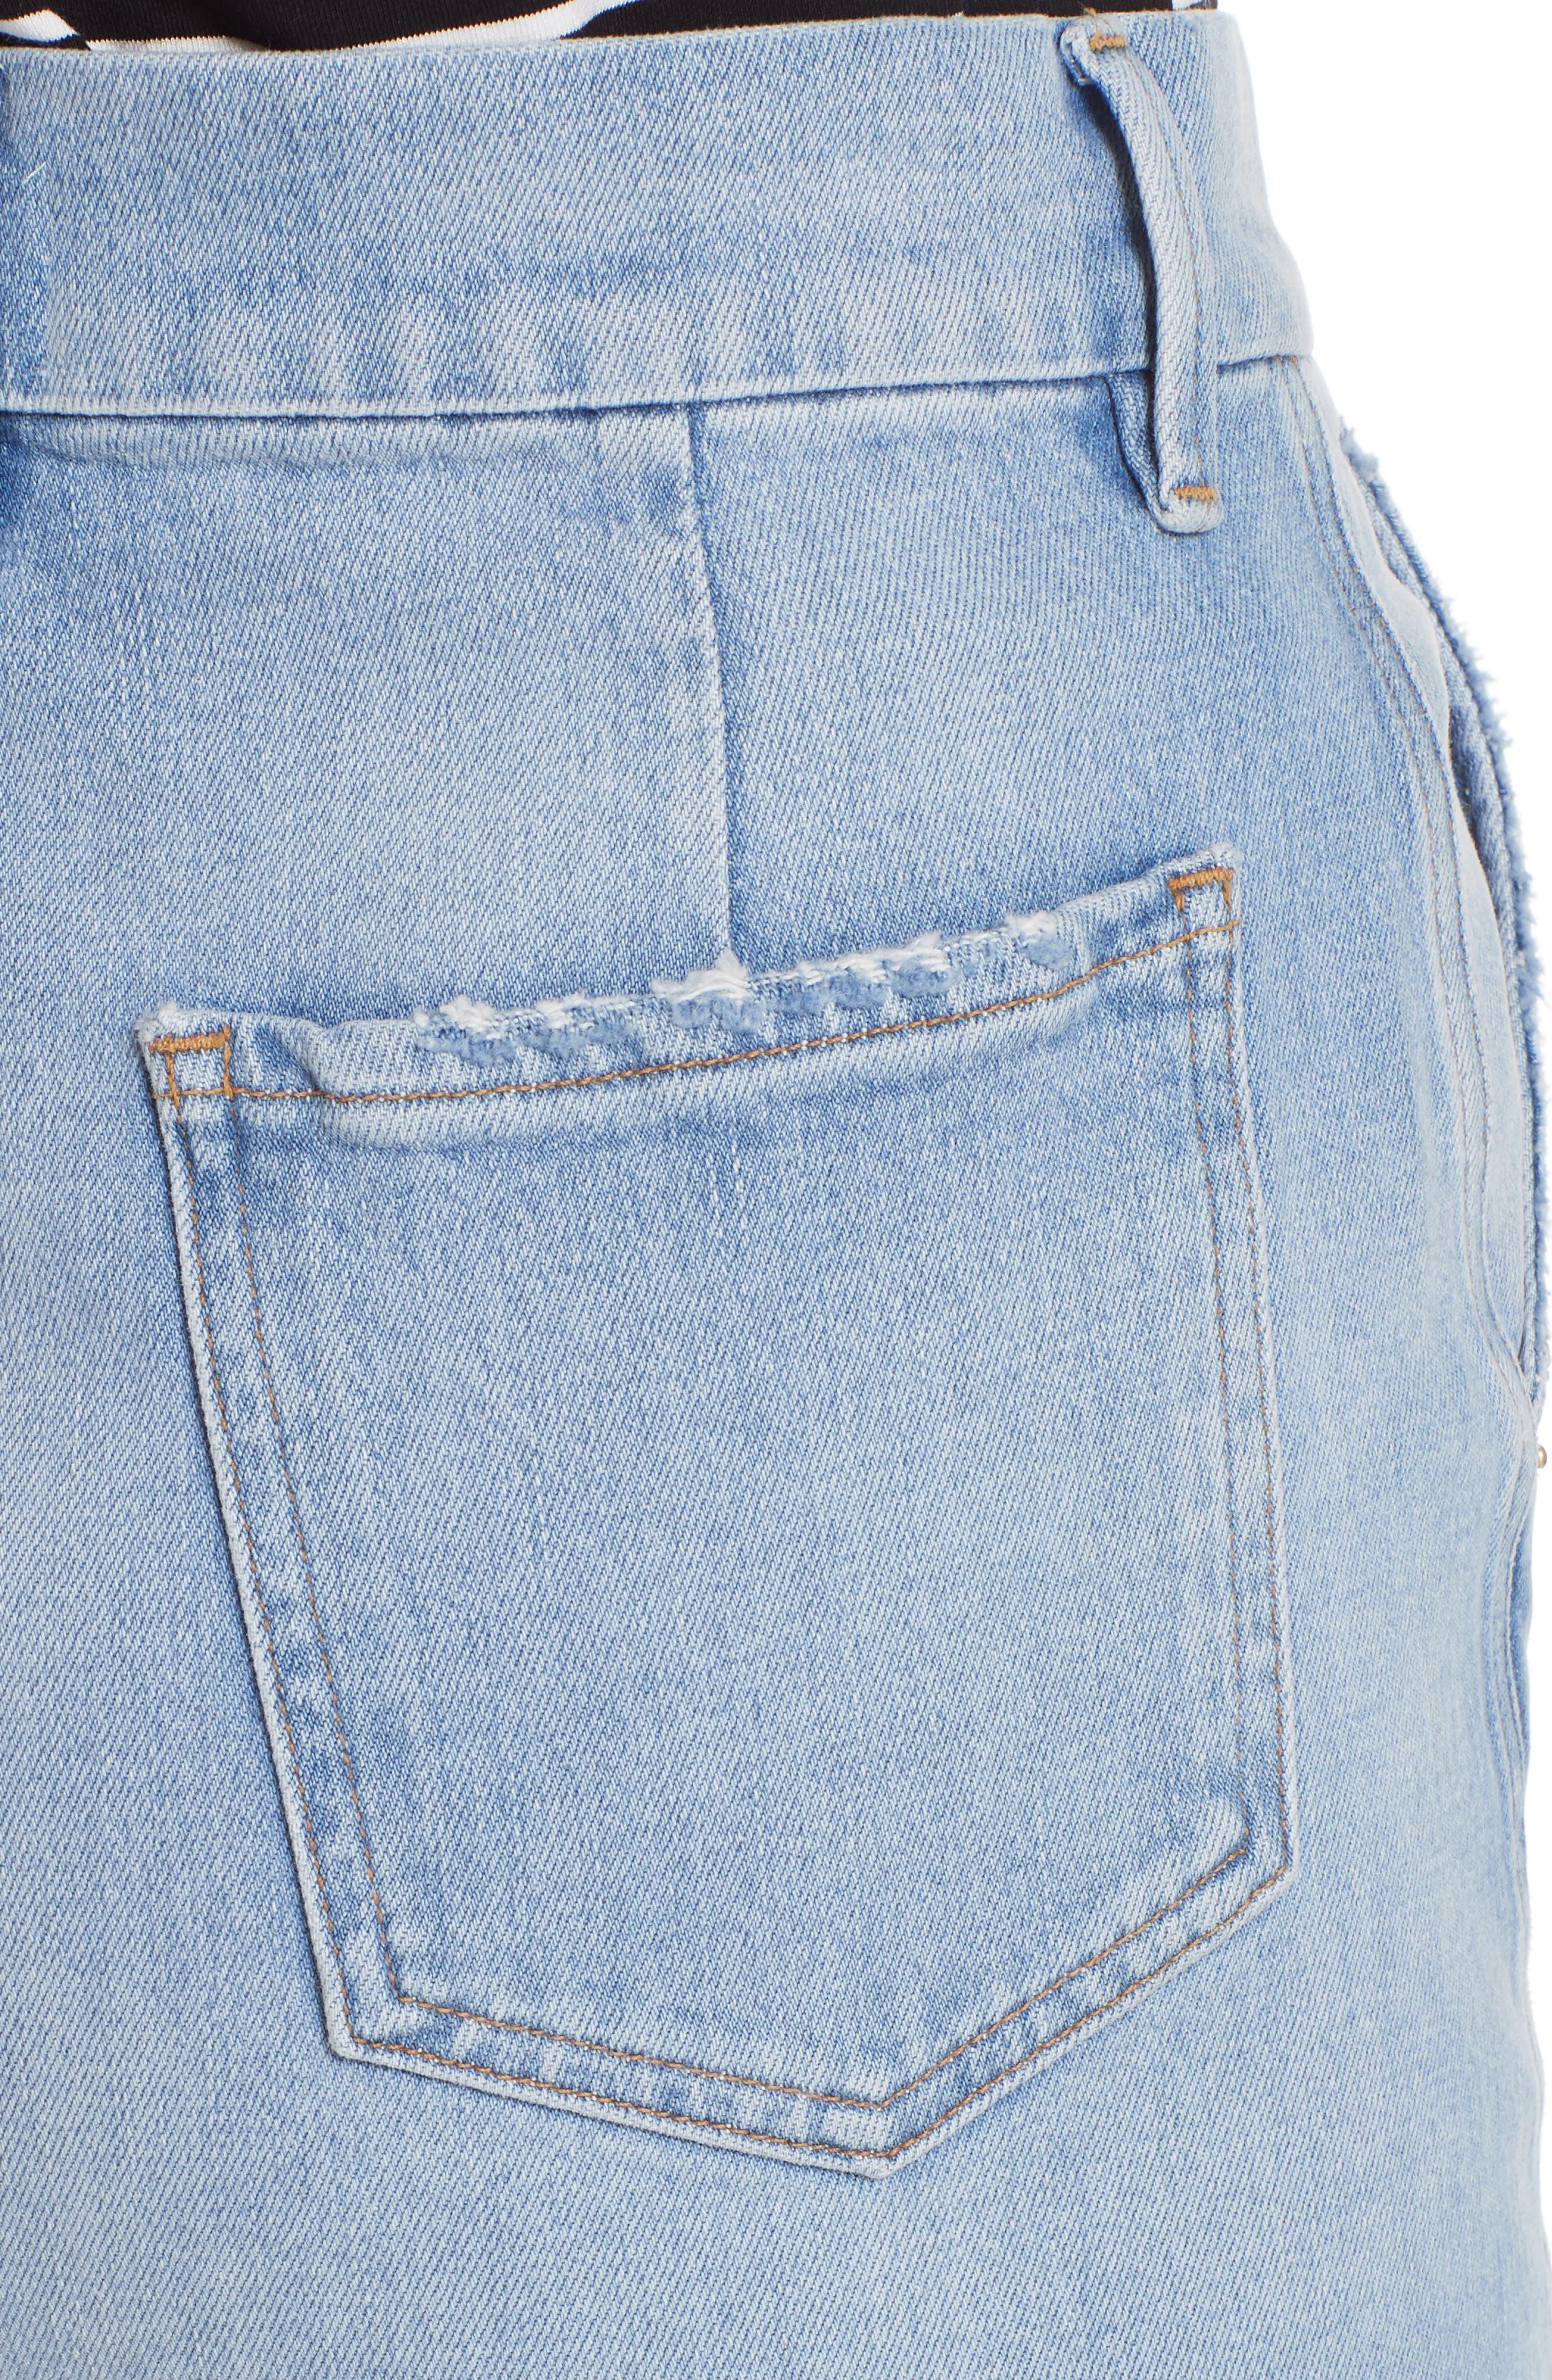 Body-Con Denim Miniskirt,                             Alternate thumbnail 4, color,                             450